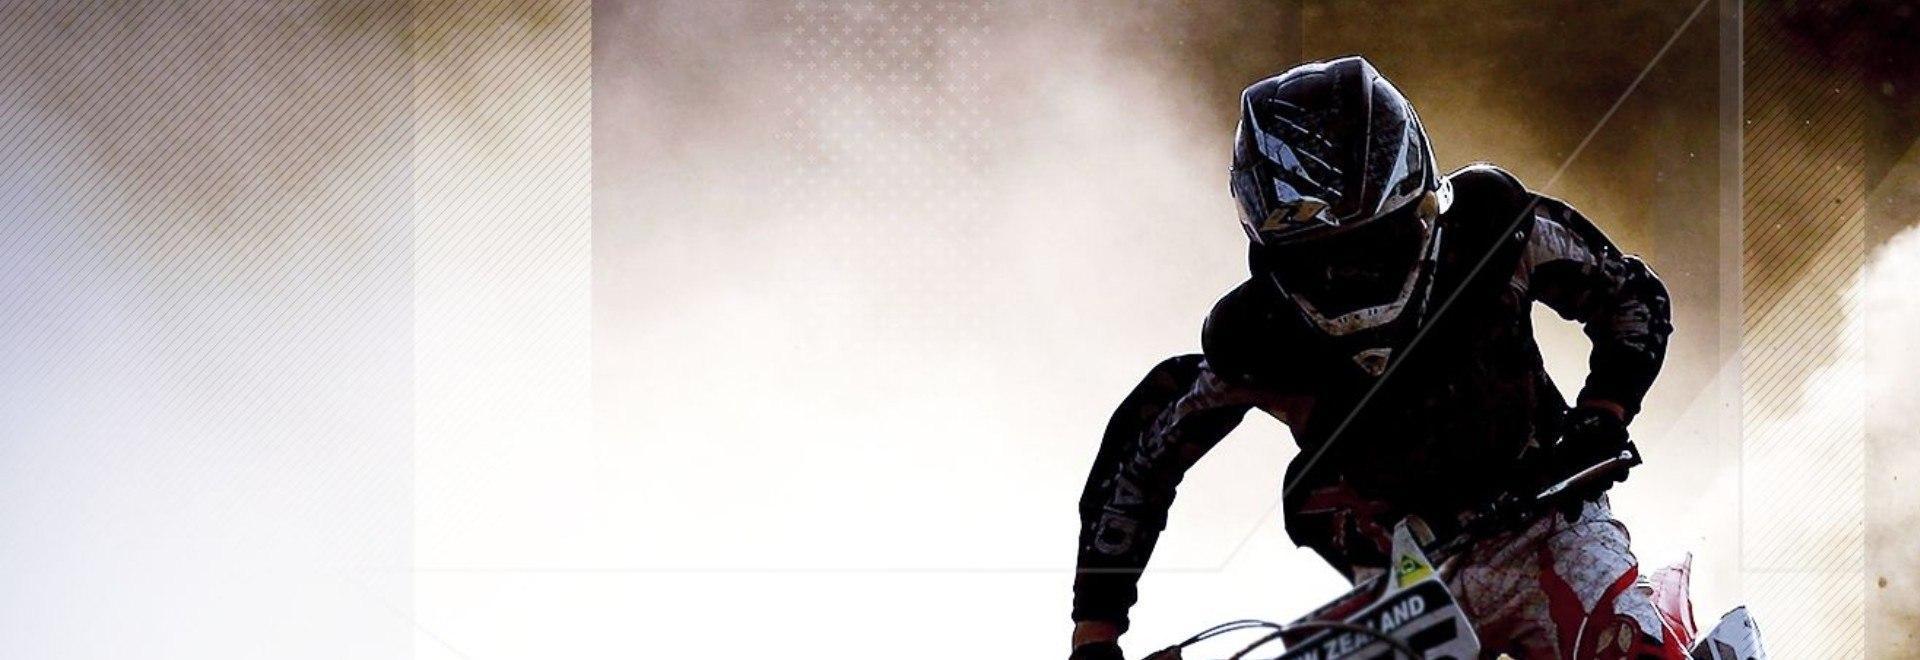 Motocross delle Nazioni - Stag. 2021 Ep. MXGP Gara 2 - Italia